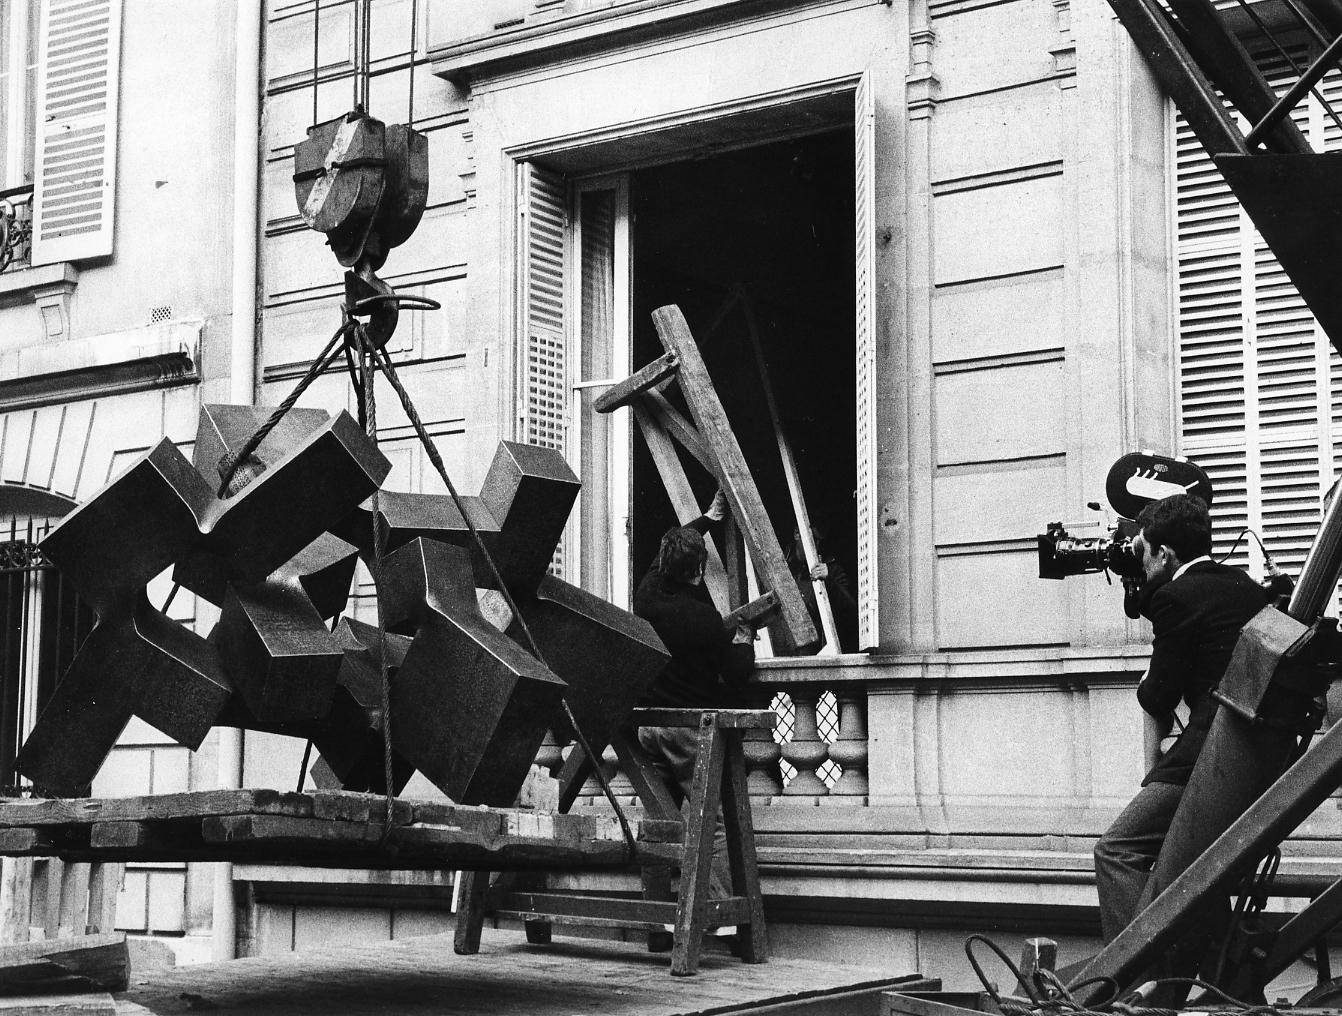 Montaje exposición Galería Maeght, Paris 1968. Foto Claude Gaspari